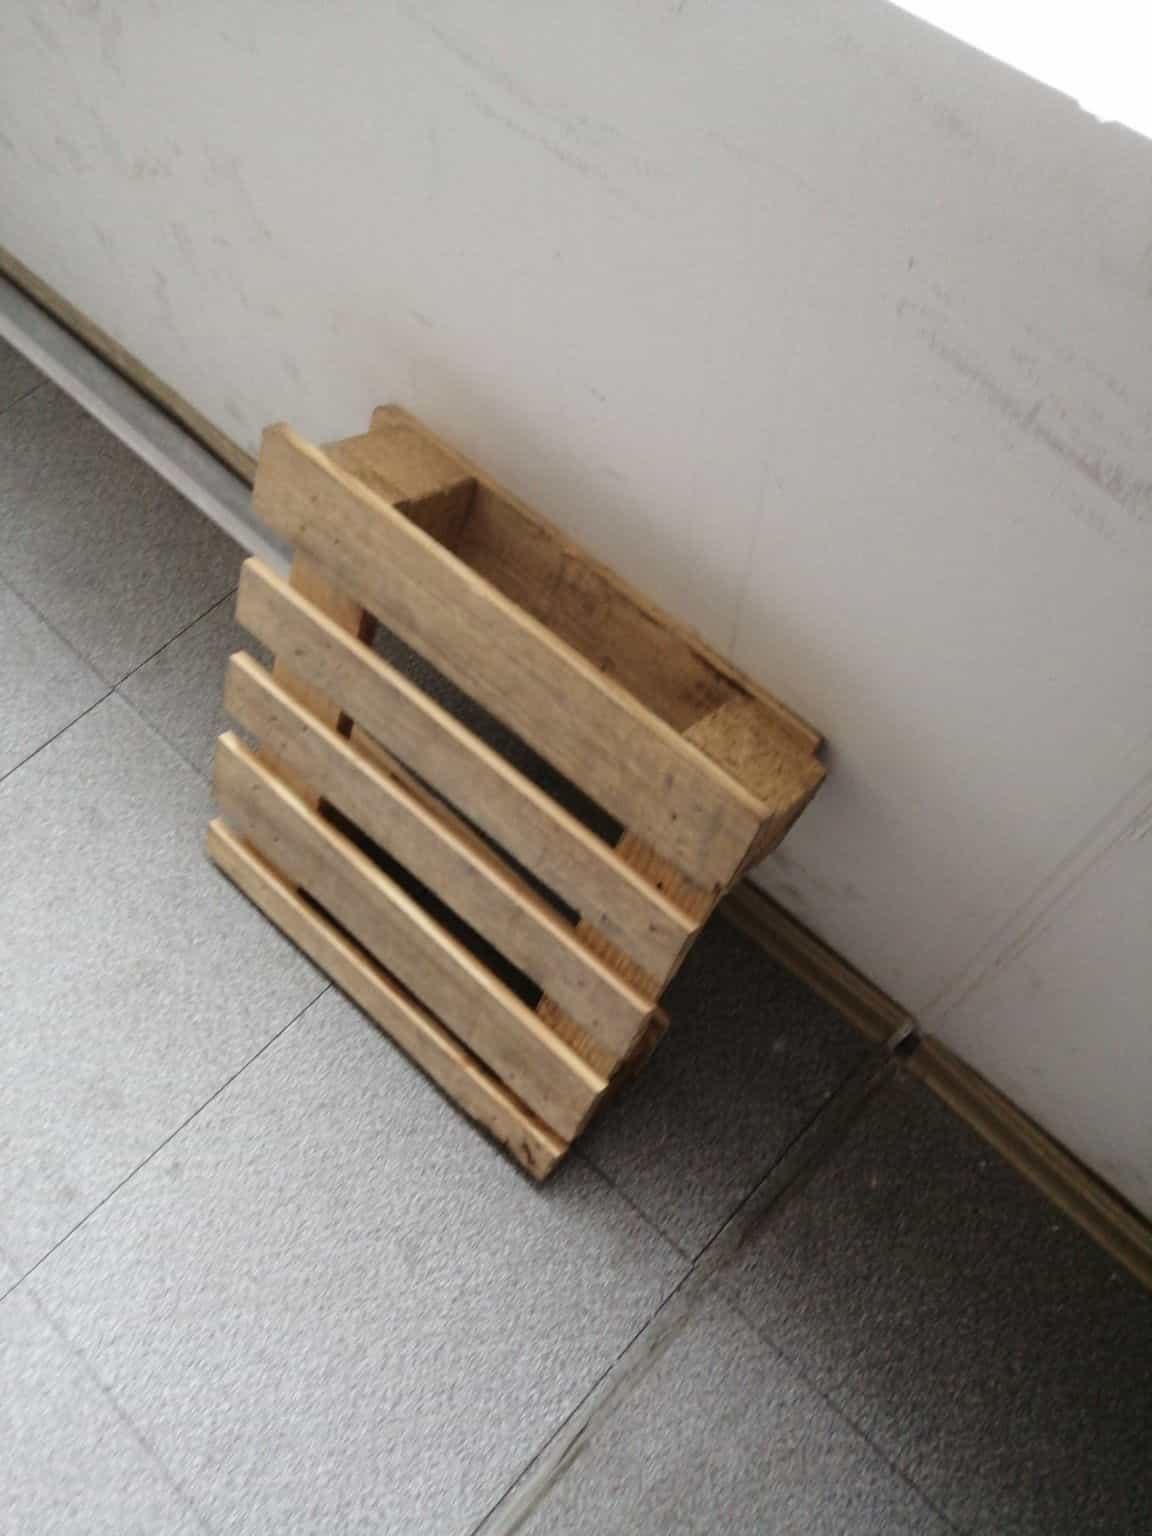 内蒙古销售木质?,╅卐ⅽ∶=?装箱厂家报价全国各地报价